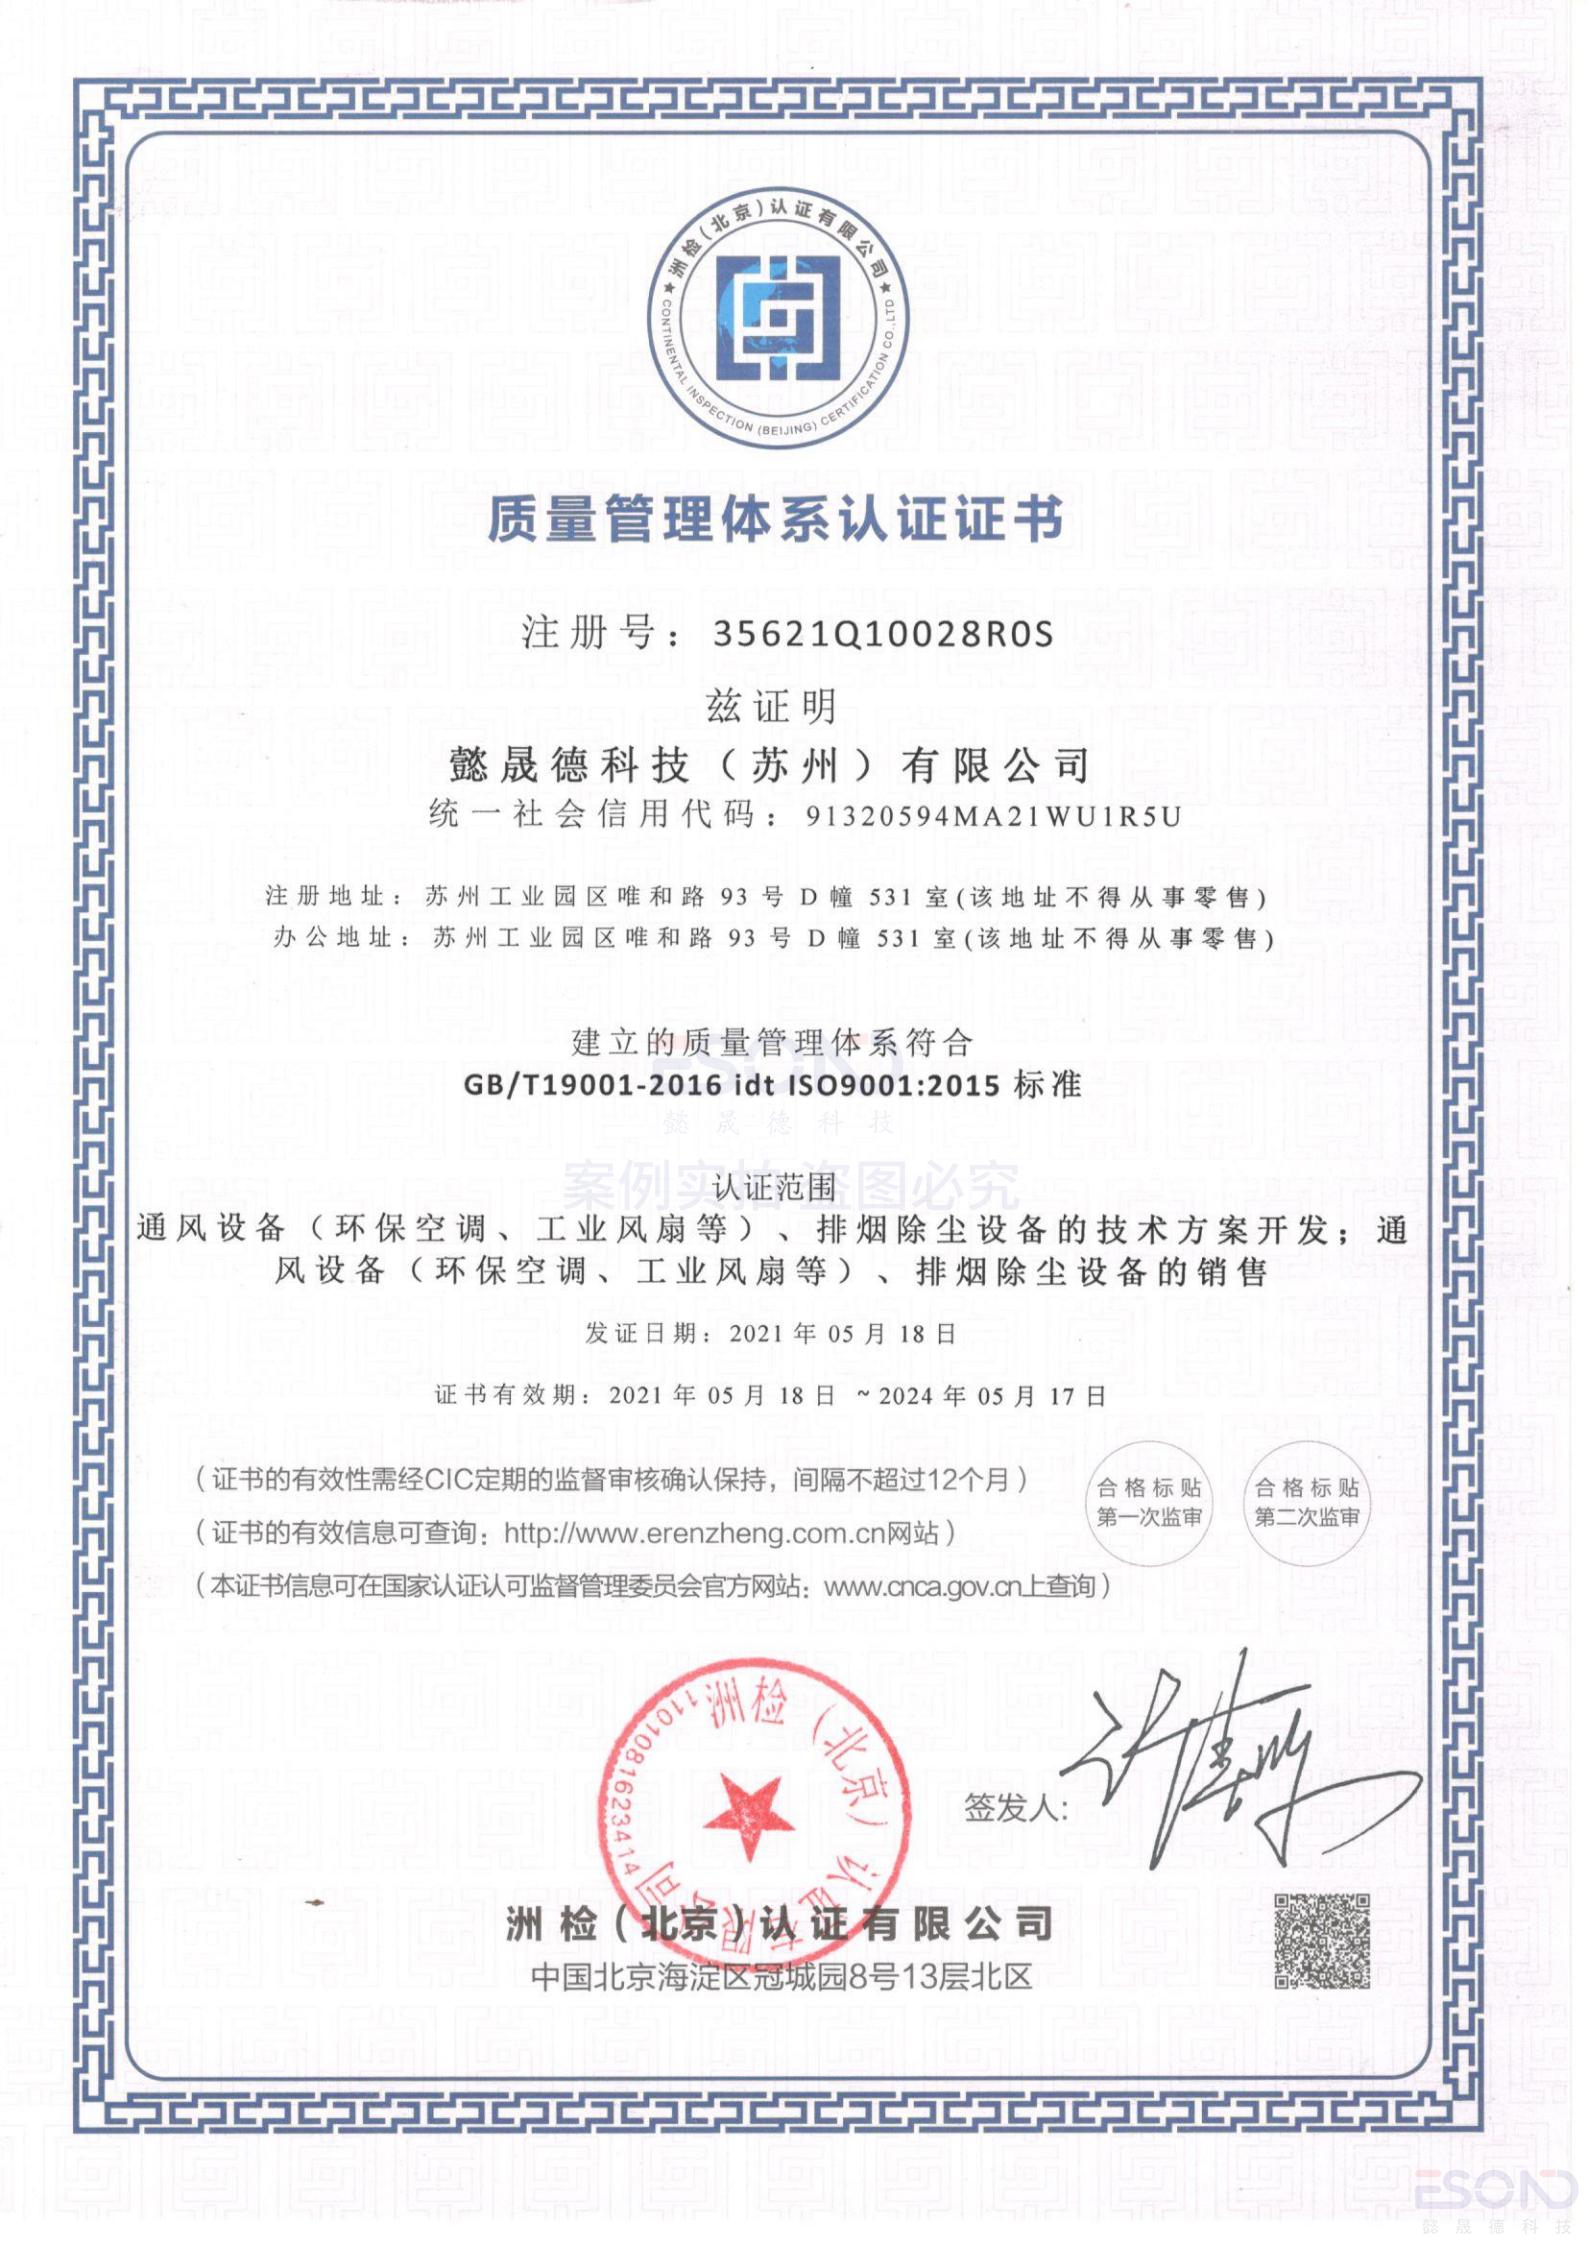 懿晟德科技(苏州)有限公司QES初审中英文证书电子版(1)(1)_00.png